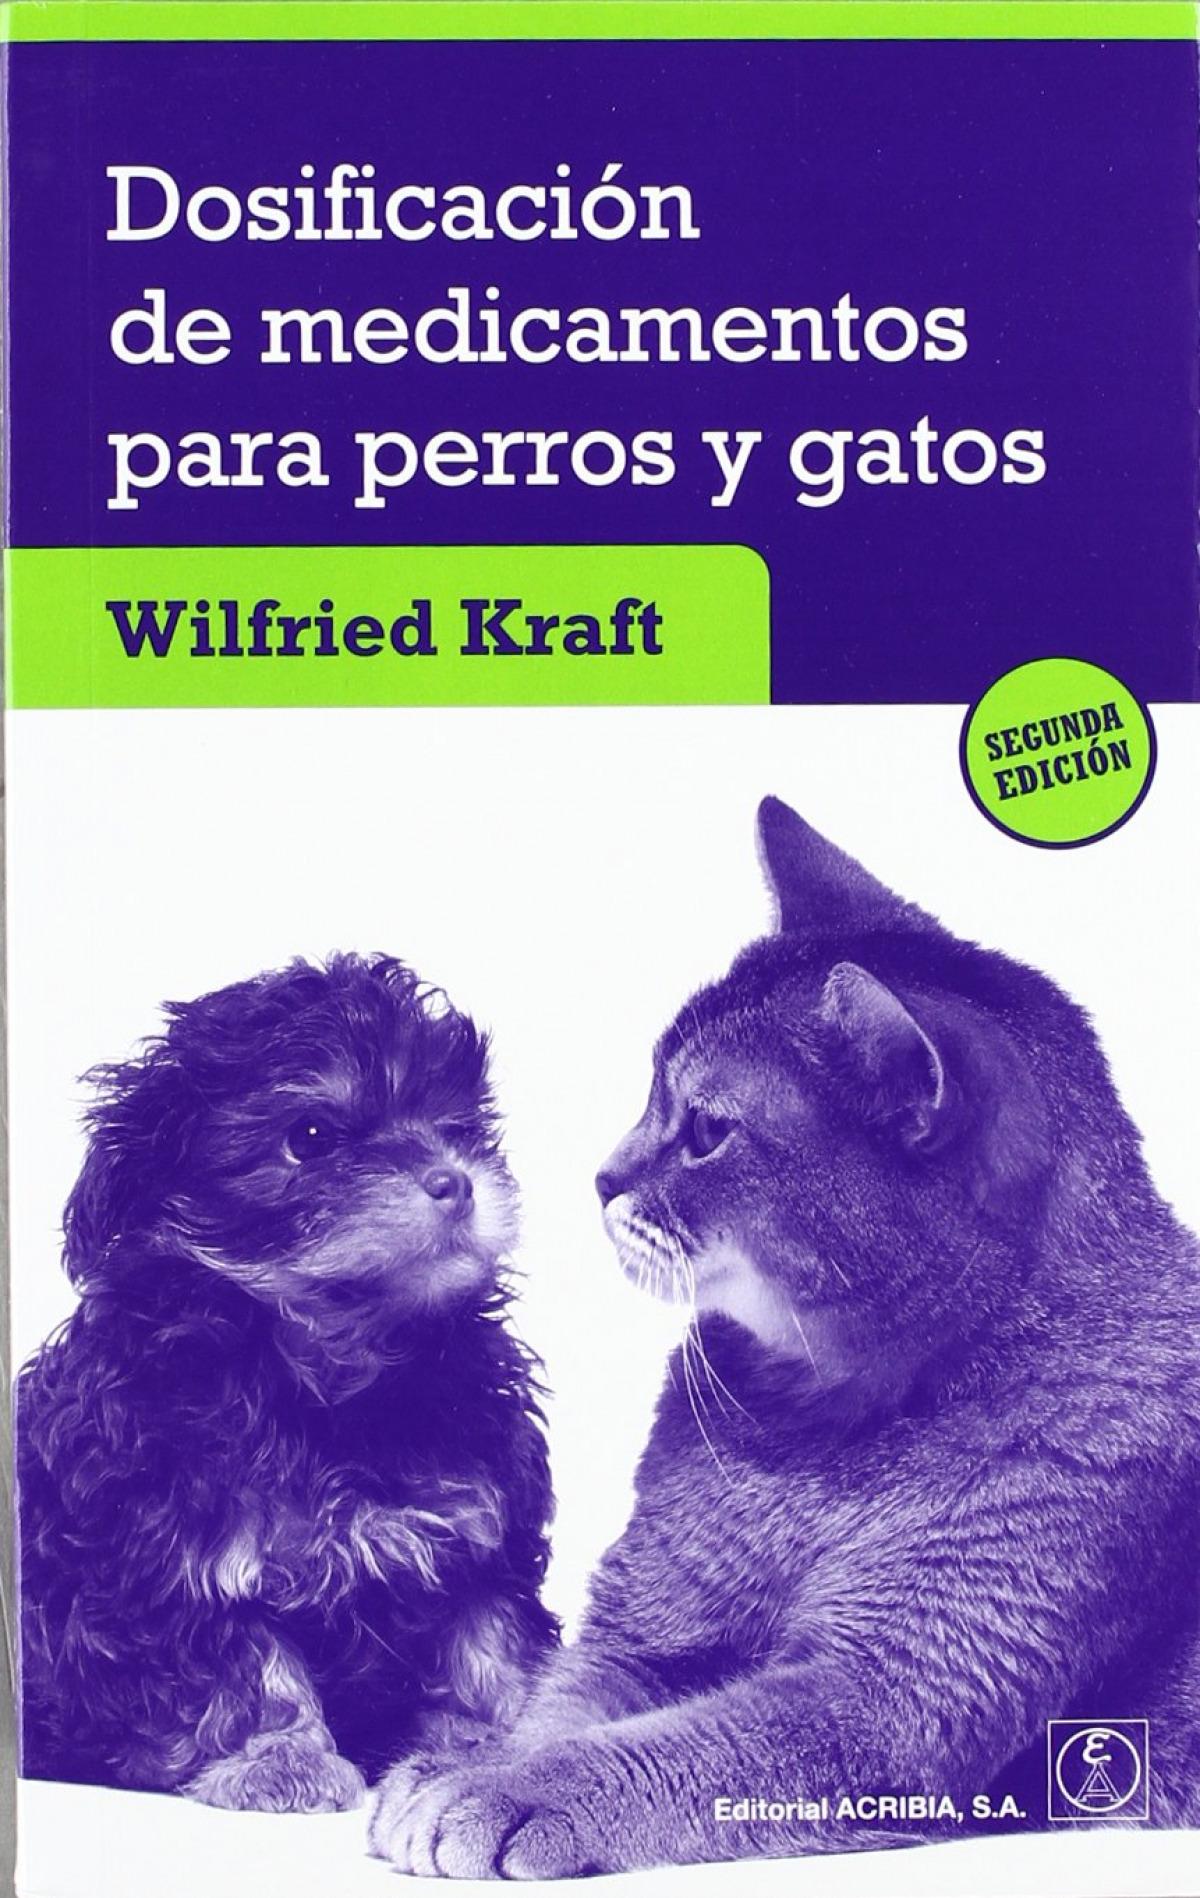 DOSIFICACIÓN DE MEDICAMENTOS PARA PERROS/GATOS